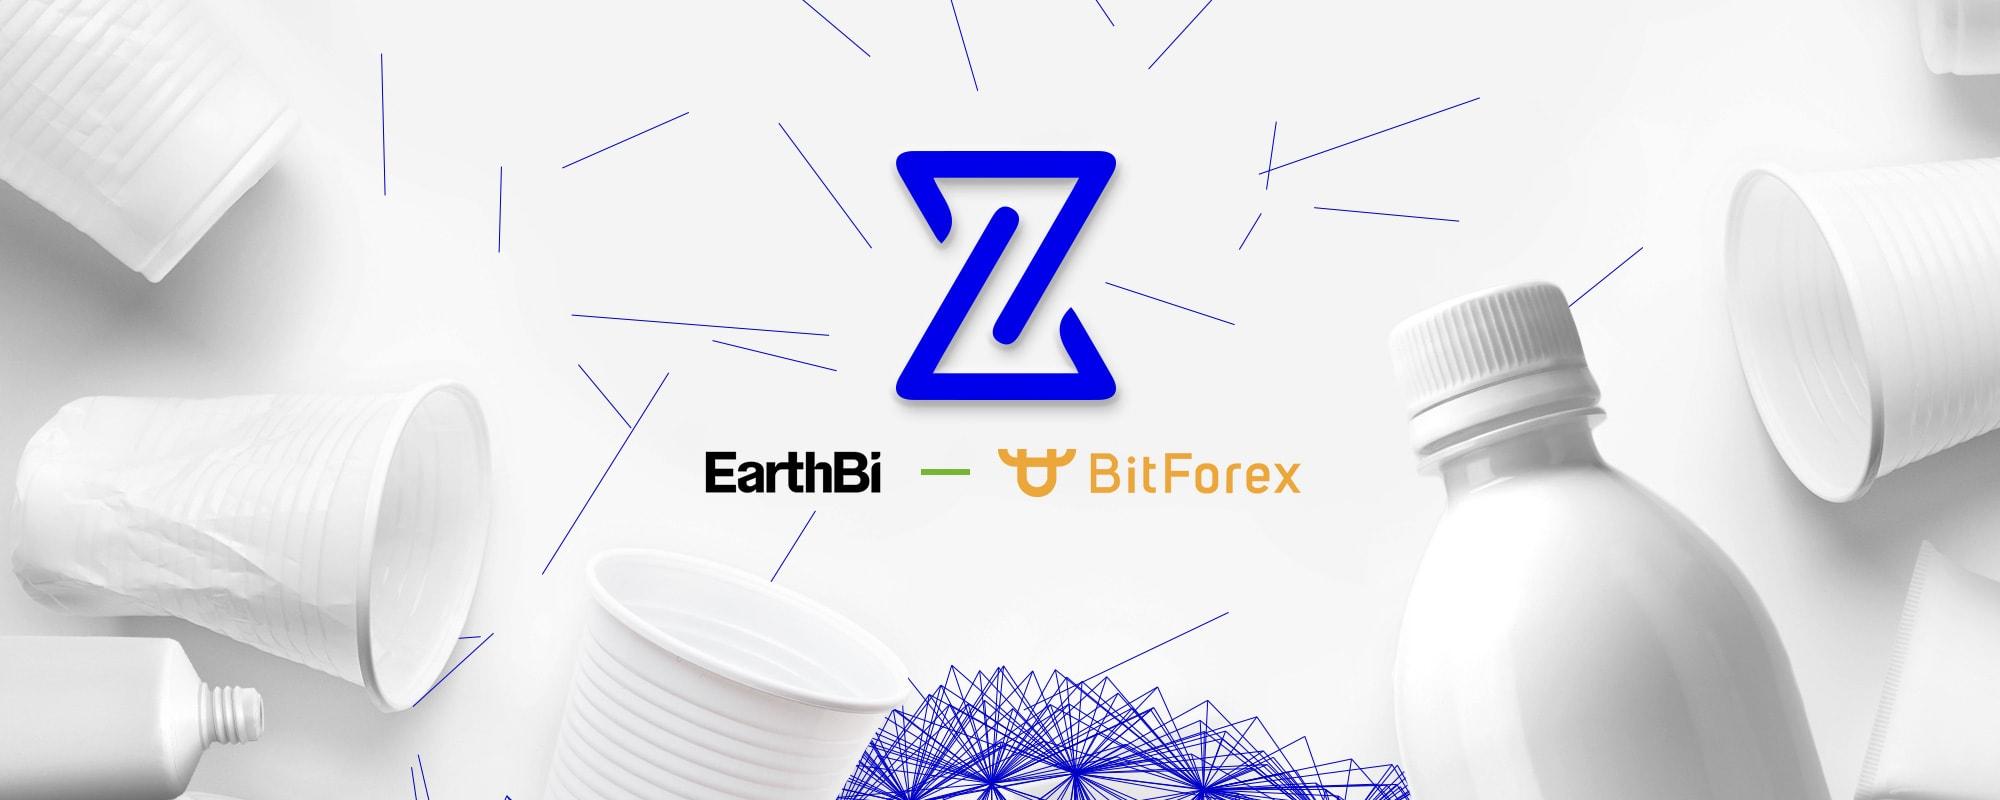 EarthBi announces ERA token IEO on Bitforex